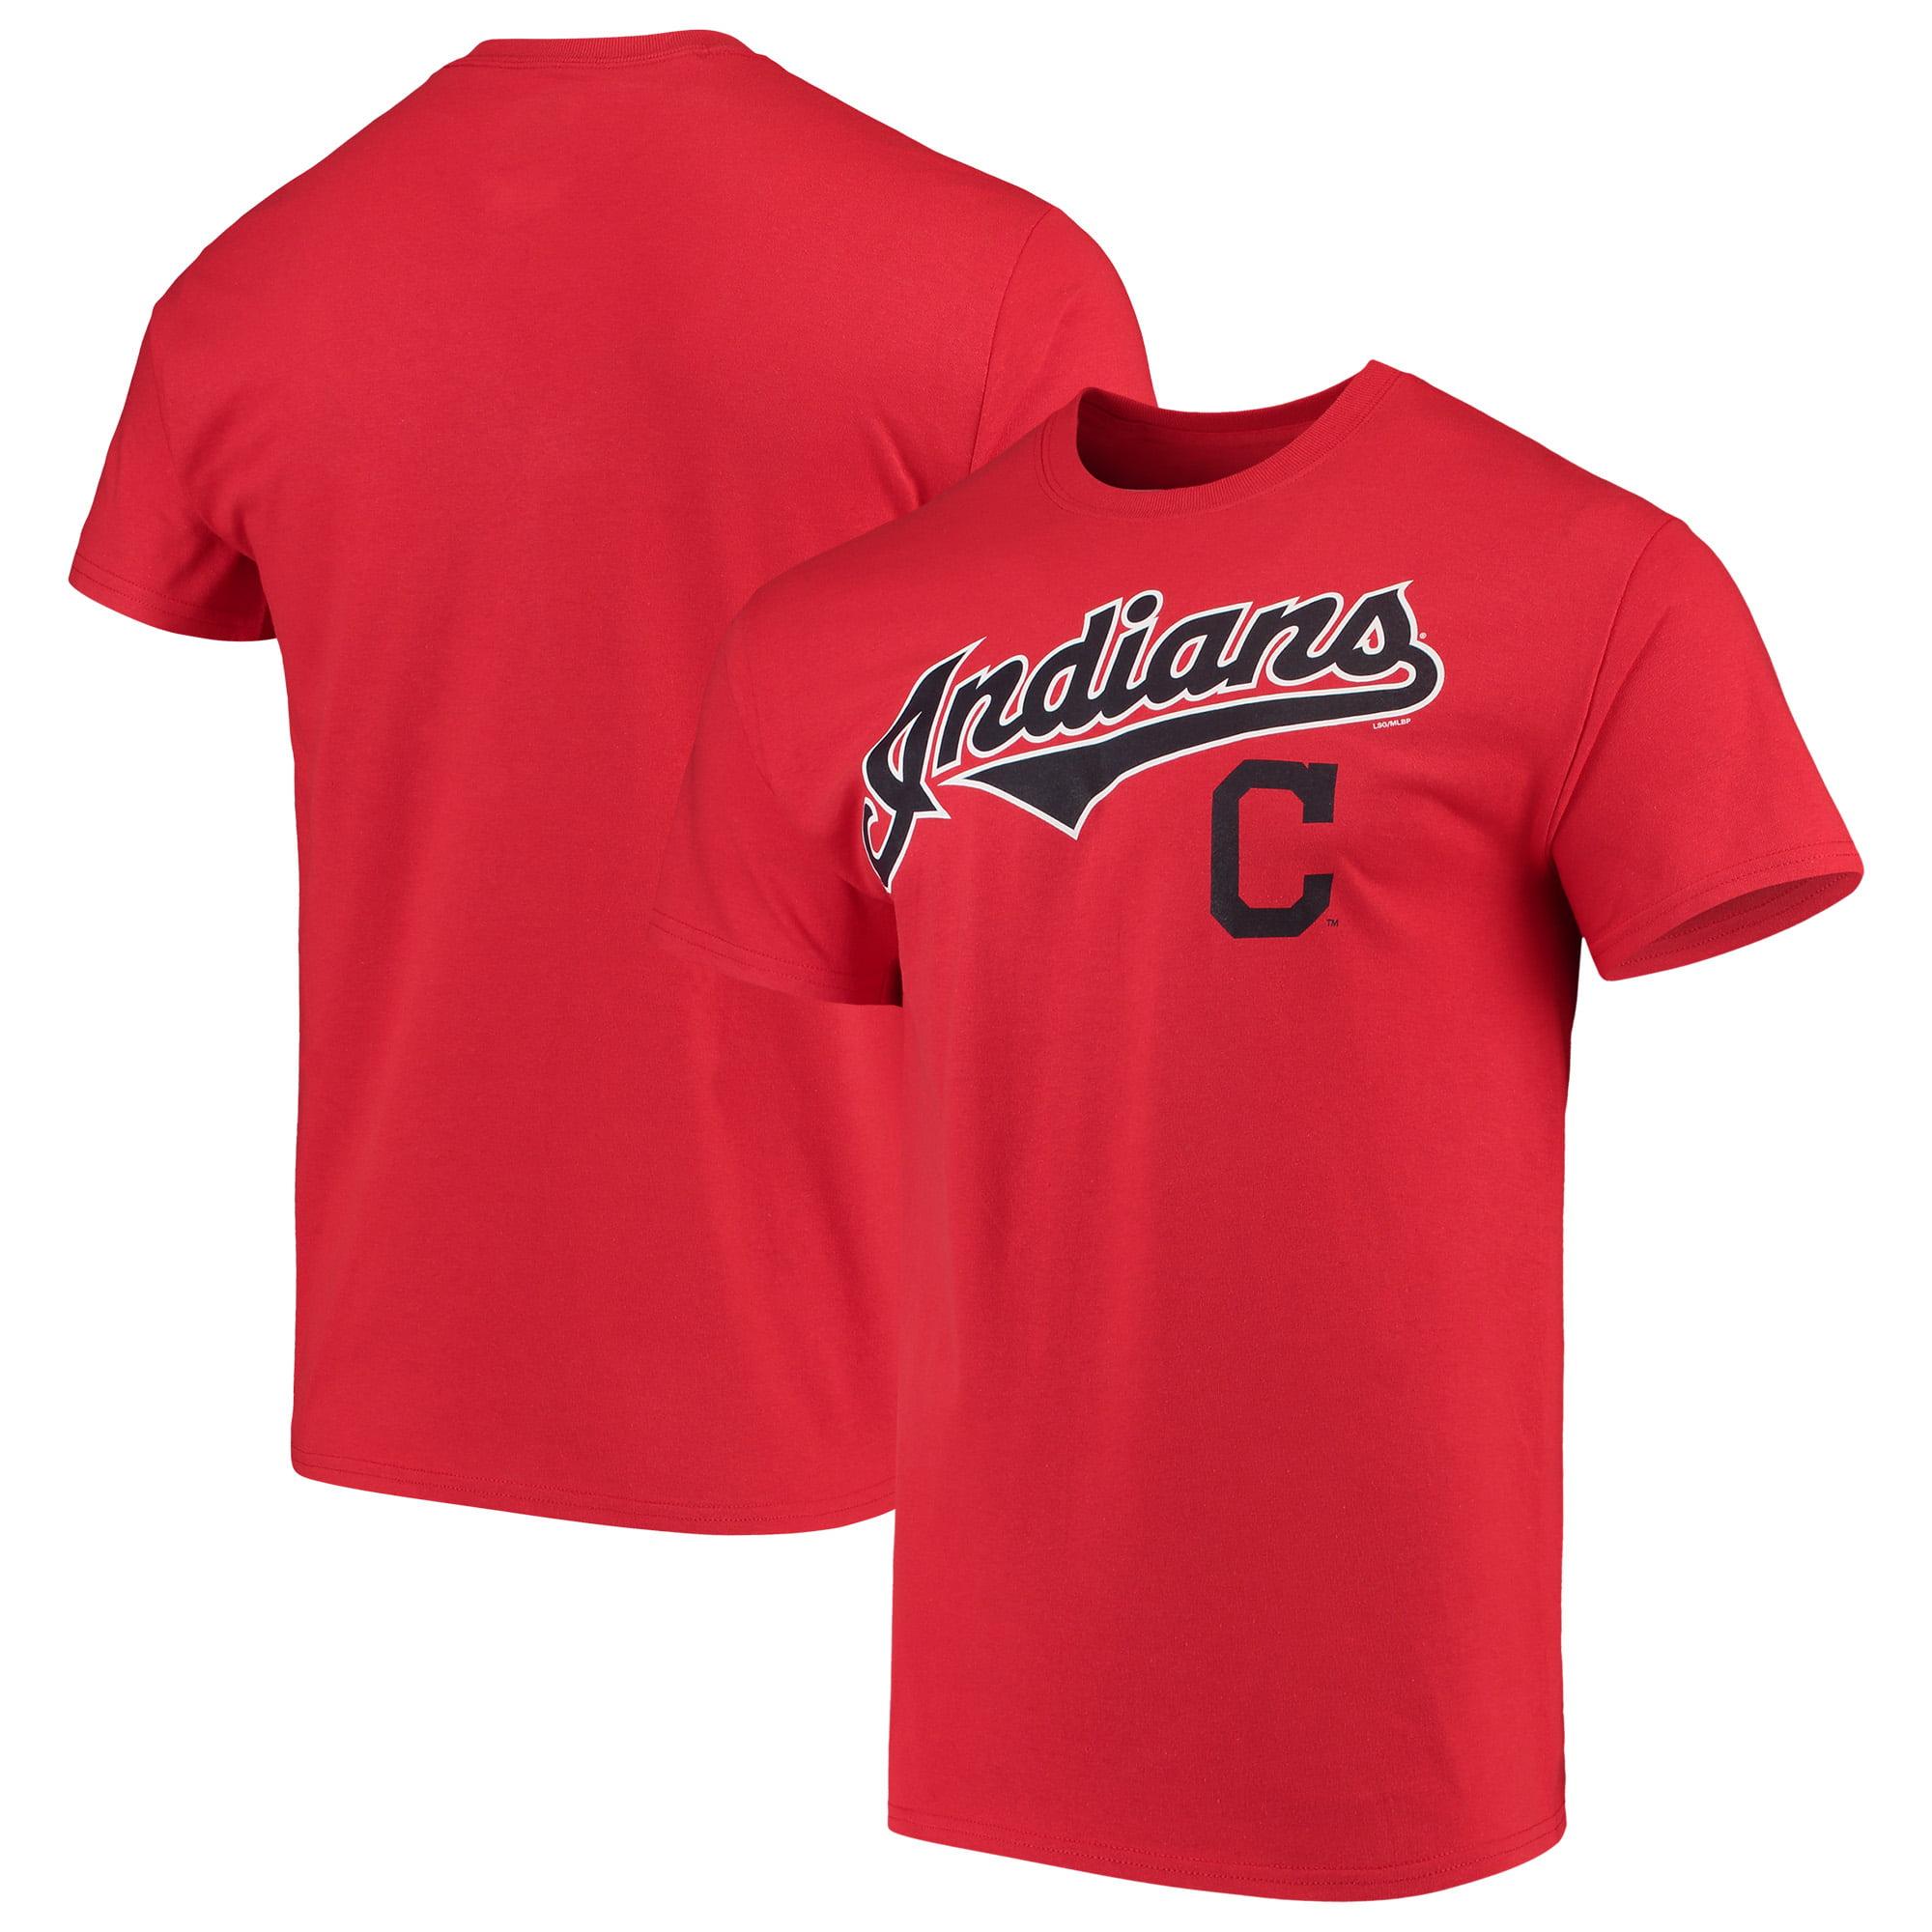 a7bc57b36 Cleveland Indians Team Shop - Walmart.com